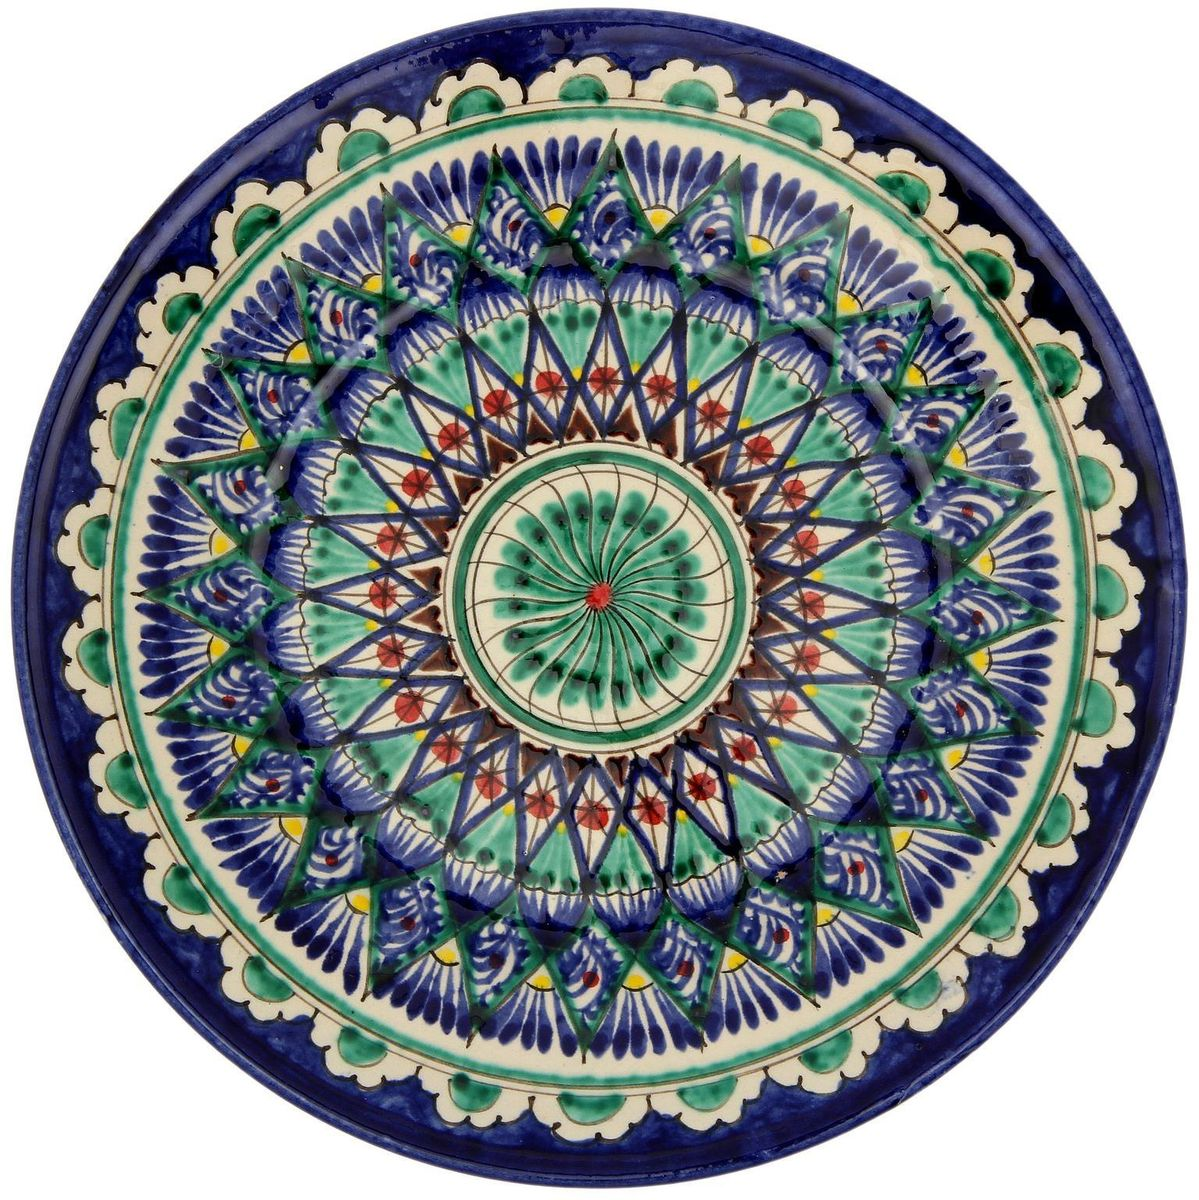 Тарелка Риштанская керамика, диаметр 23 см. 21387052138705Узбекская посуда известна всему миру уже более тысячи лет. Ей любовались царские особы, на ней подавали еду шейхам и знатным персонам. Формула глазури передаётся из поколения в поколение. По сей день качественные изделия продолжают восхищать своей идеальной формой.Данный предмет подойдёт для повседневной и праздничной сервировки. Дополните стол текстилем и салфетками в тон, чтобы получить элегантное убранство с яркими акцентами.